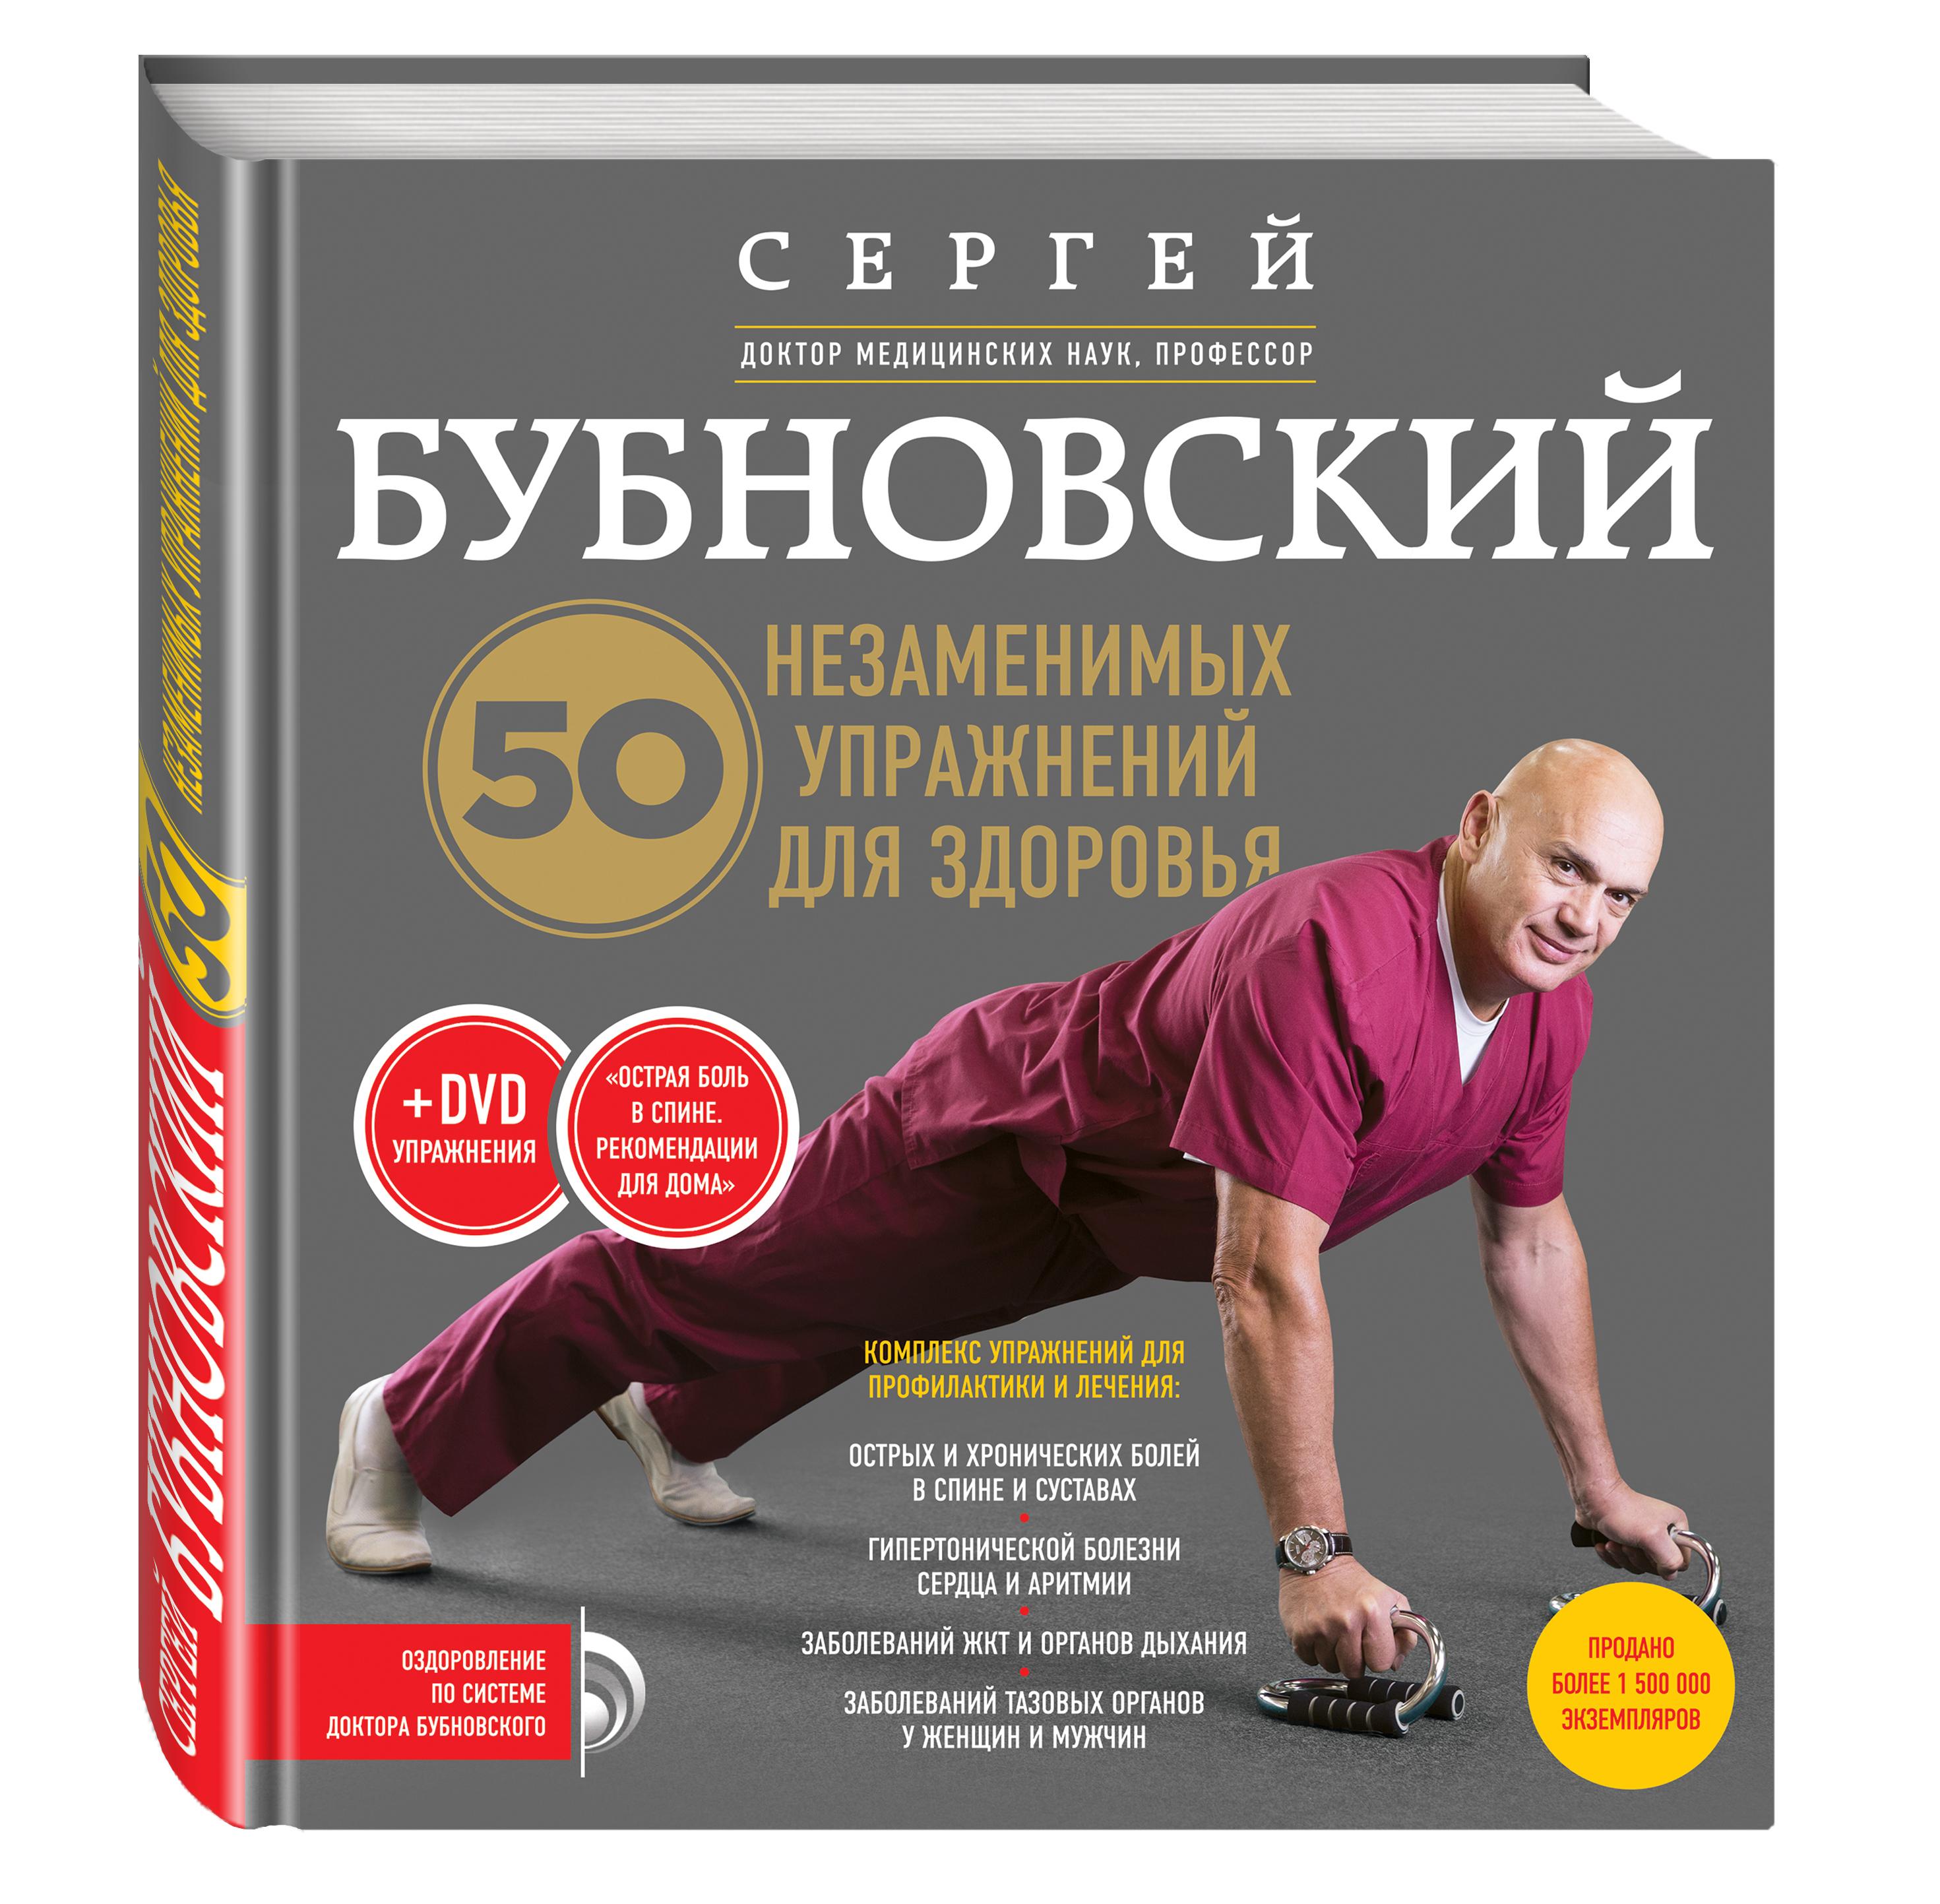 Сергей Бубновский 50 незаменимых упражнений для здоровья + DVD 50 незаменимых упражнений для здоровья dvd